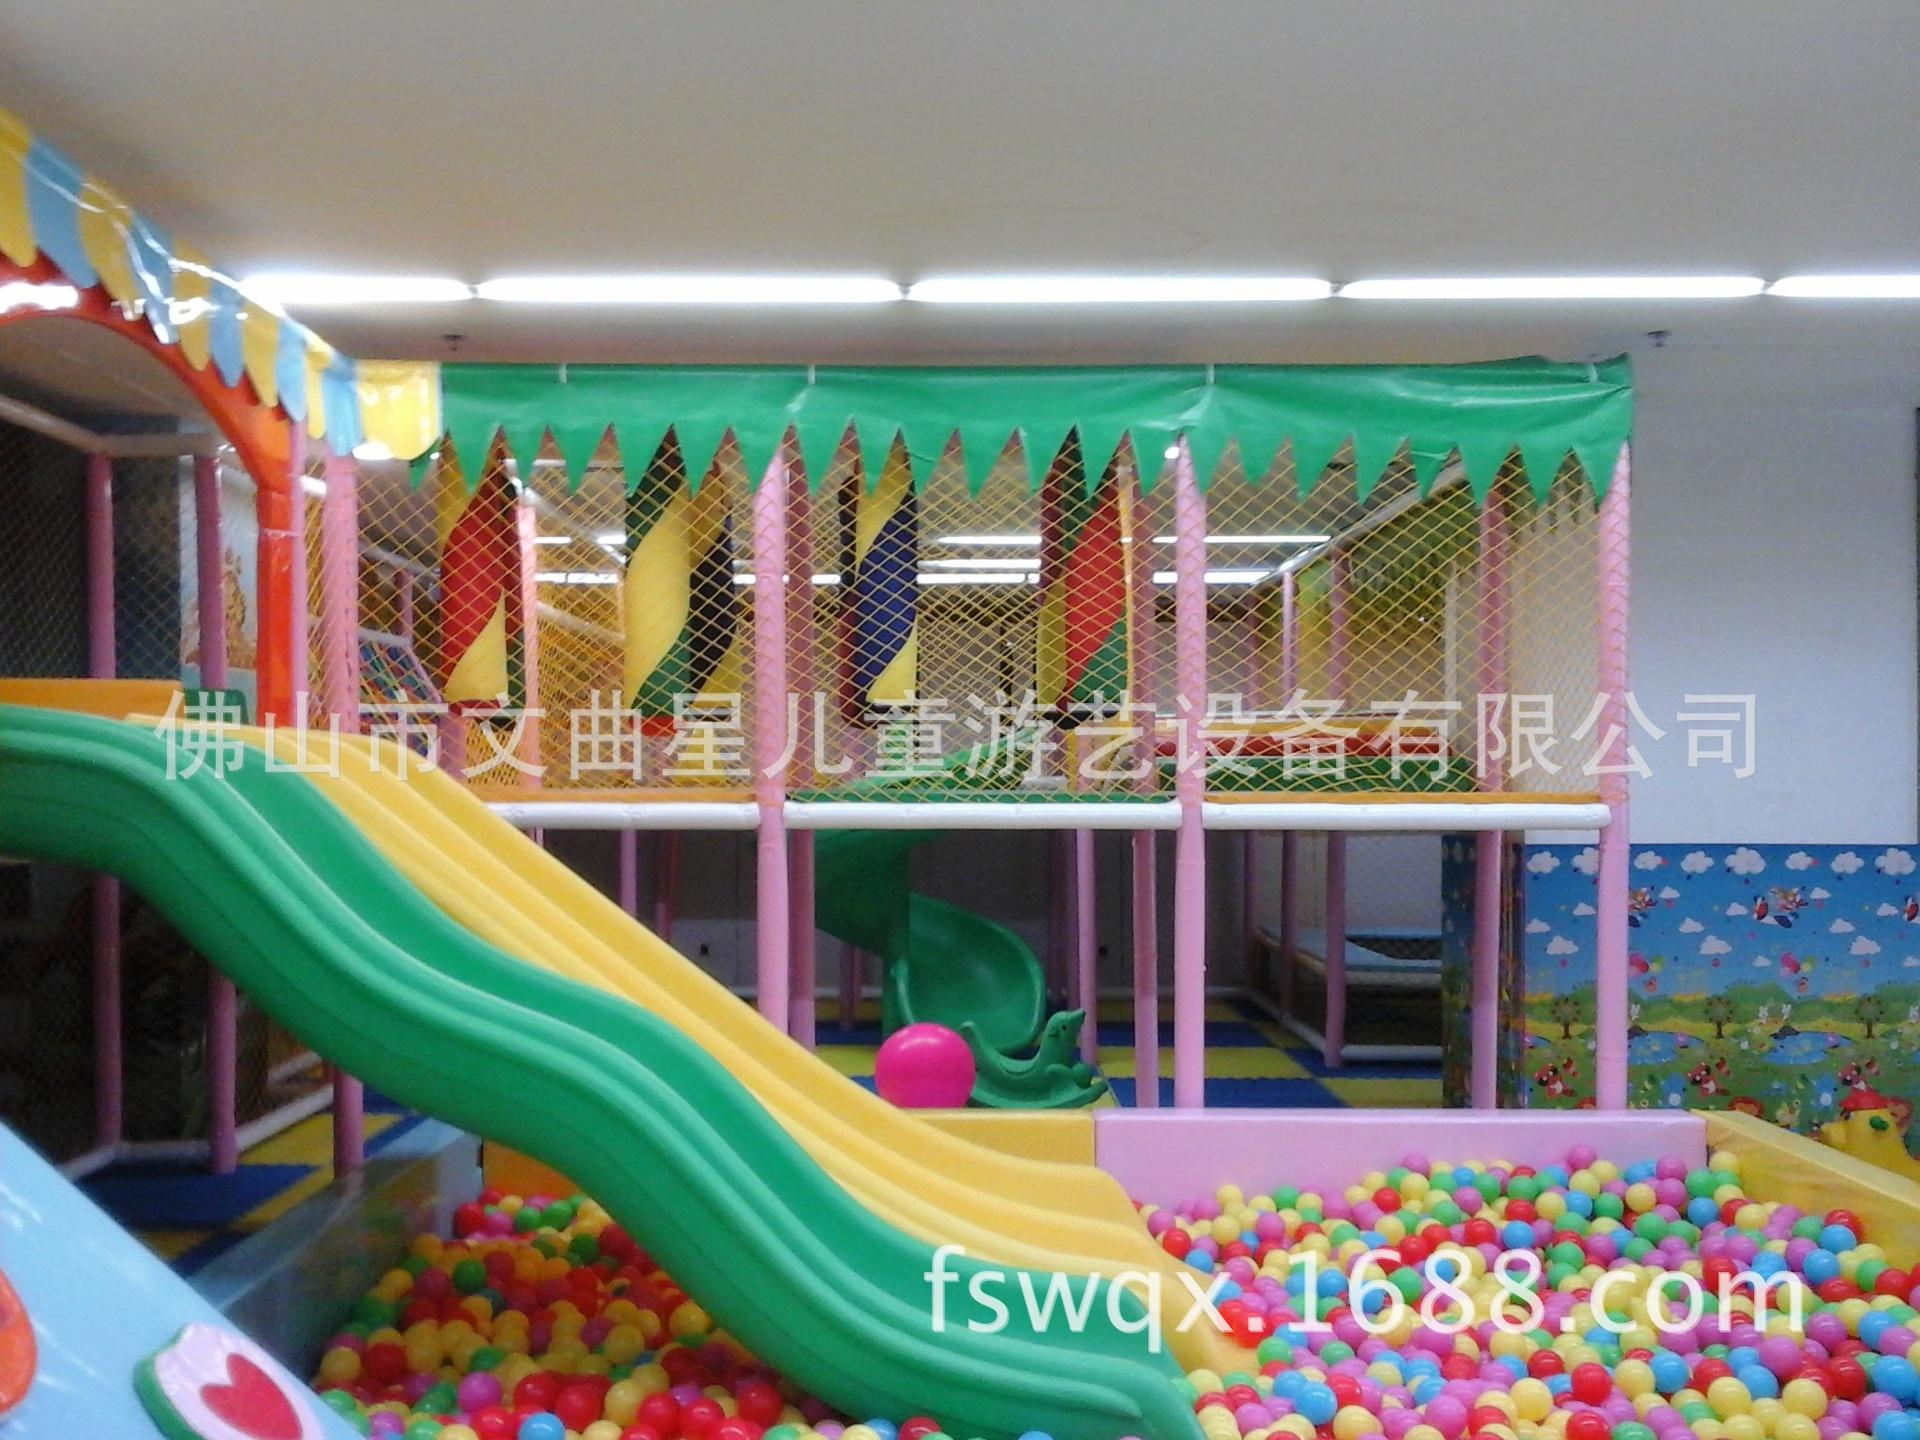 儿童游乐园设备 儿童游乐园设备 室内儿童淘气堡 大型儿童厂家 室内乐